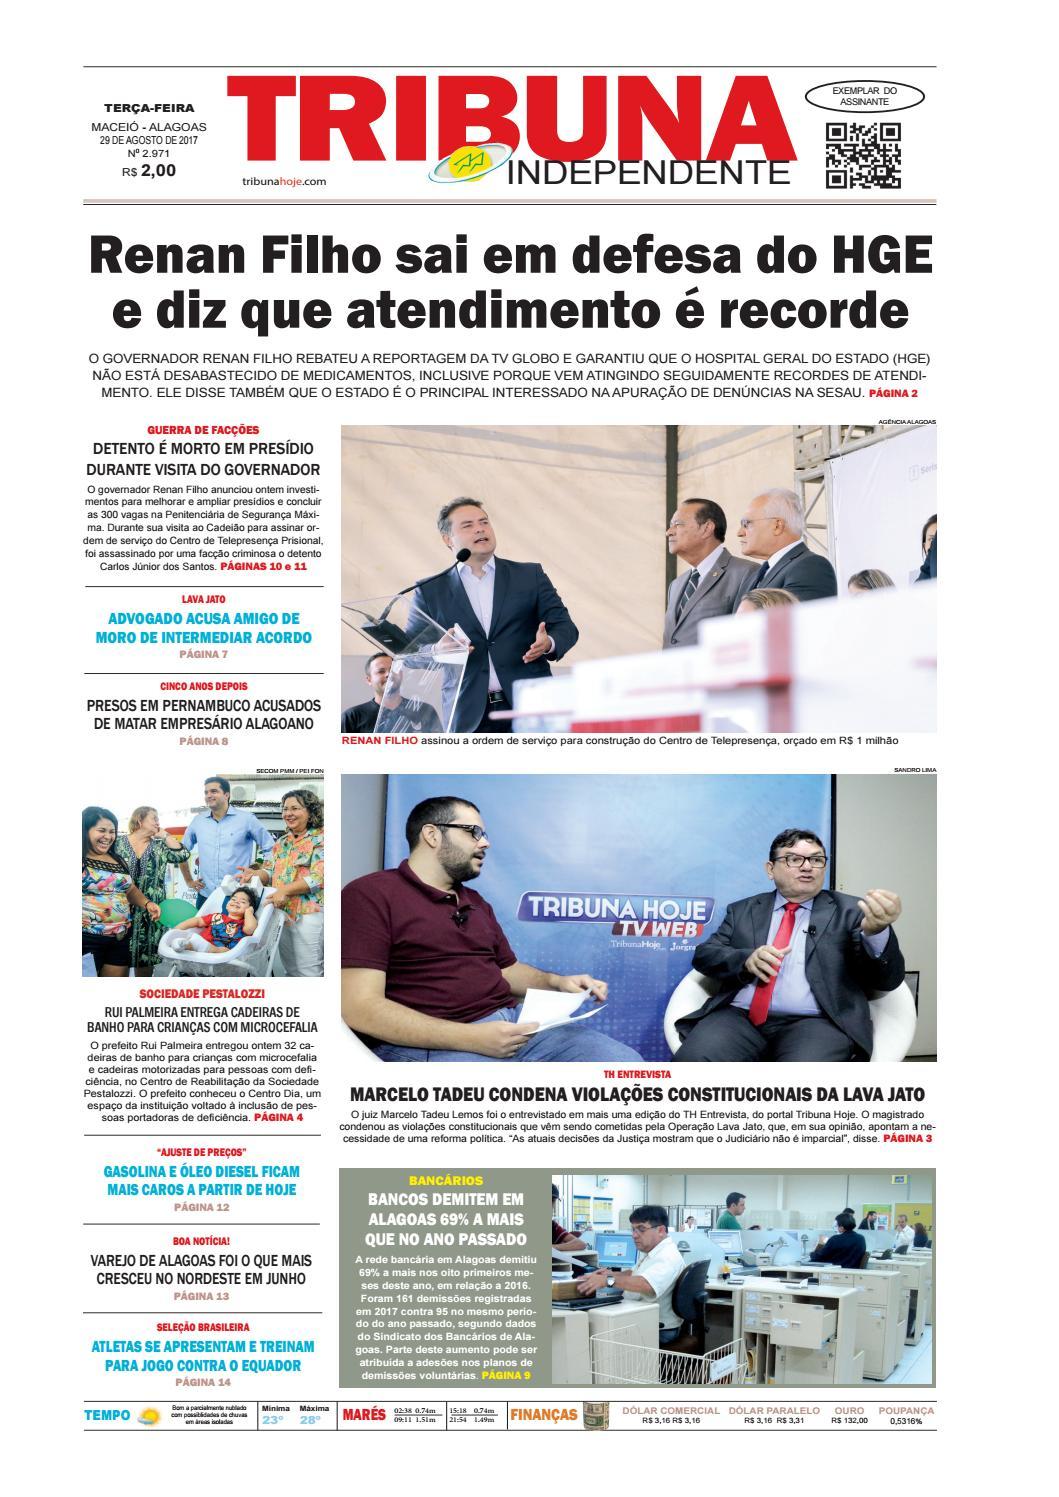 2dae06500e7 Edição número 2971 - 29 de agosto de 2017 by Tribuna Hoje - issuu